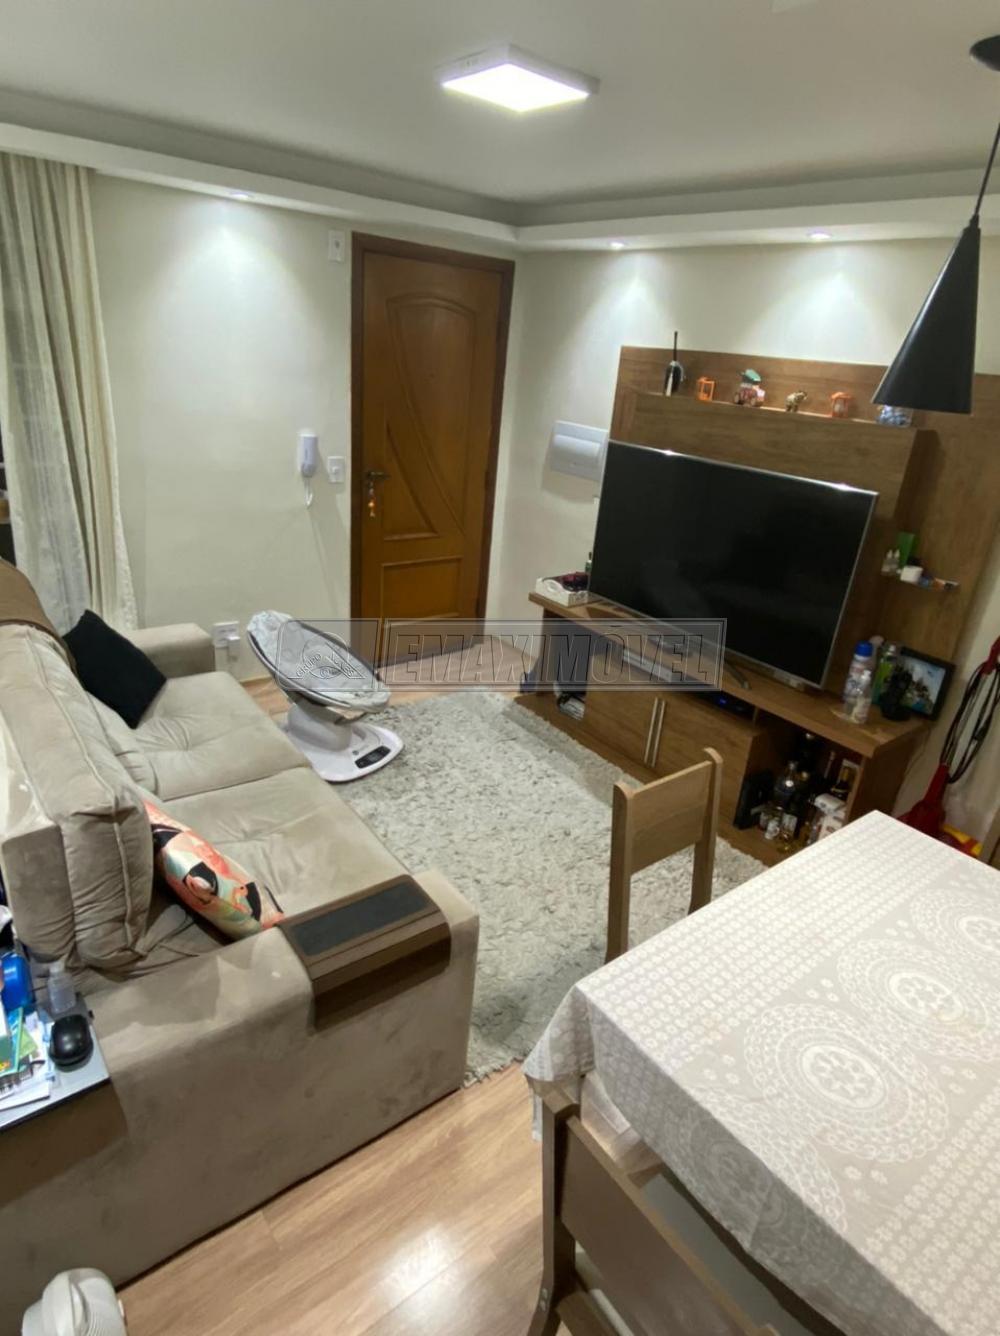 Comprar Apartamento / Padrão em Sorocaba R$ 180.000,00 - Foto 1